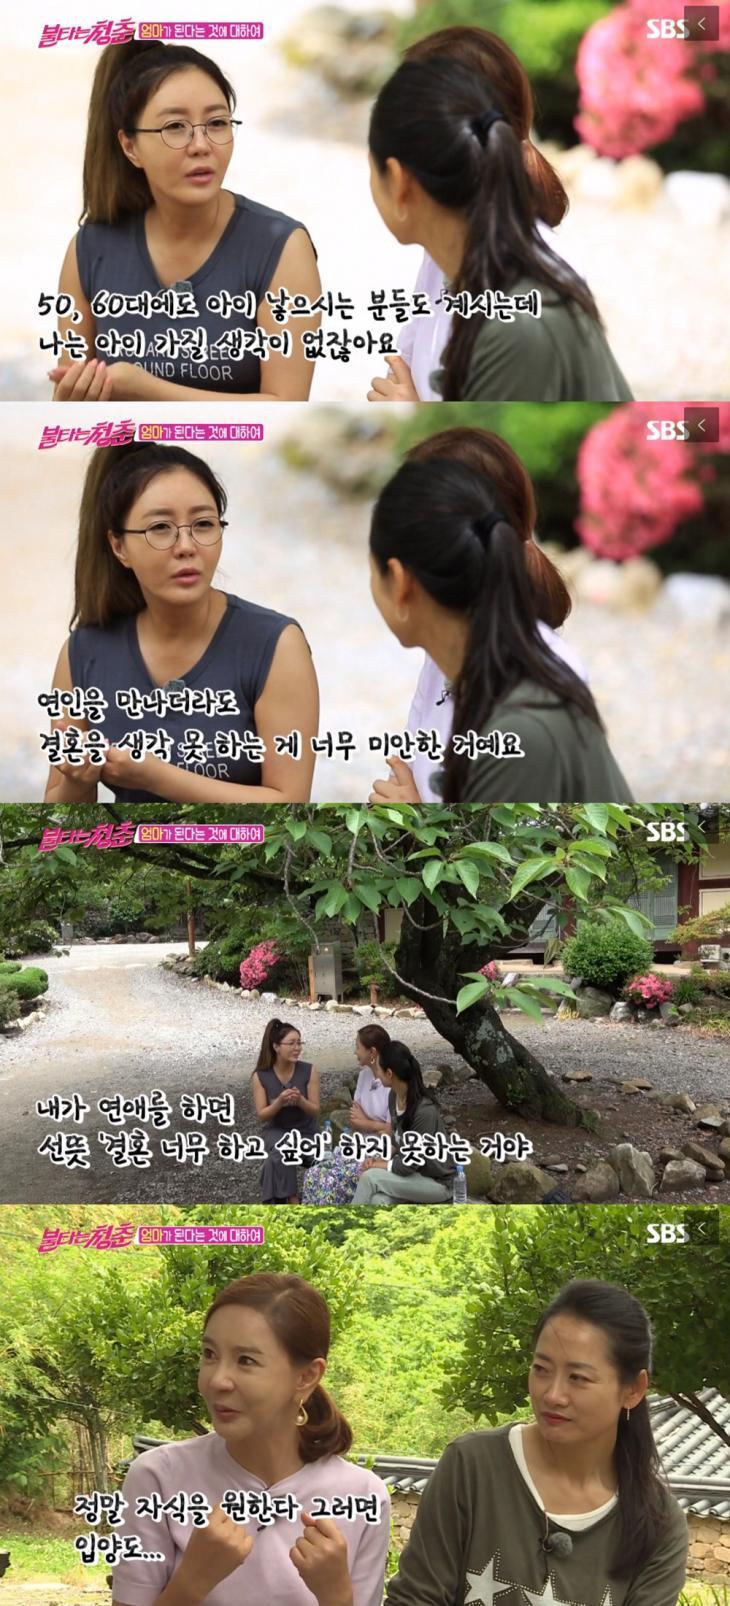 SBS'불타는 청춘' 방송 캡처